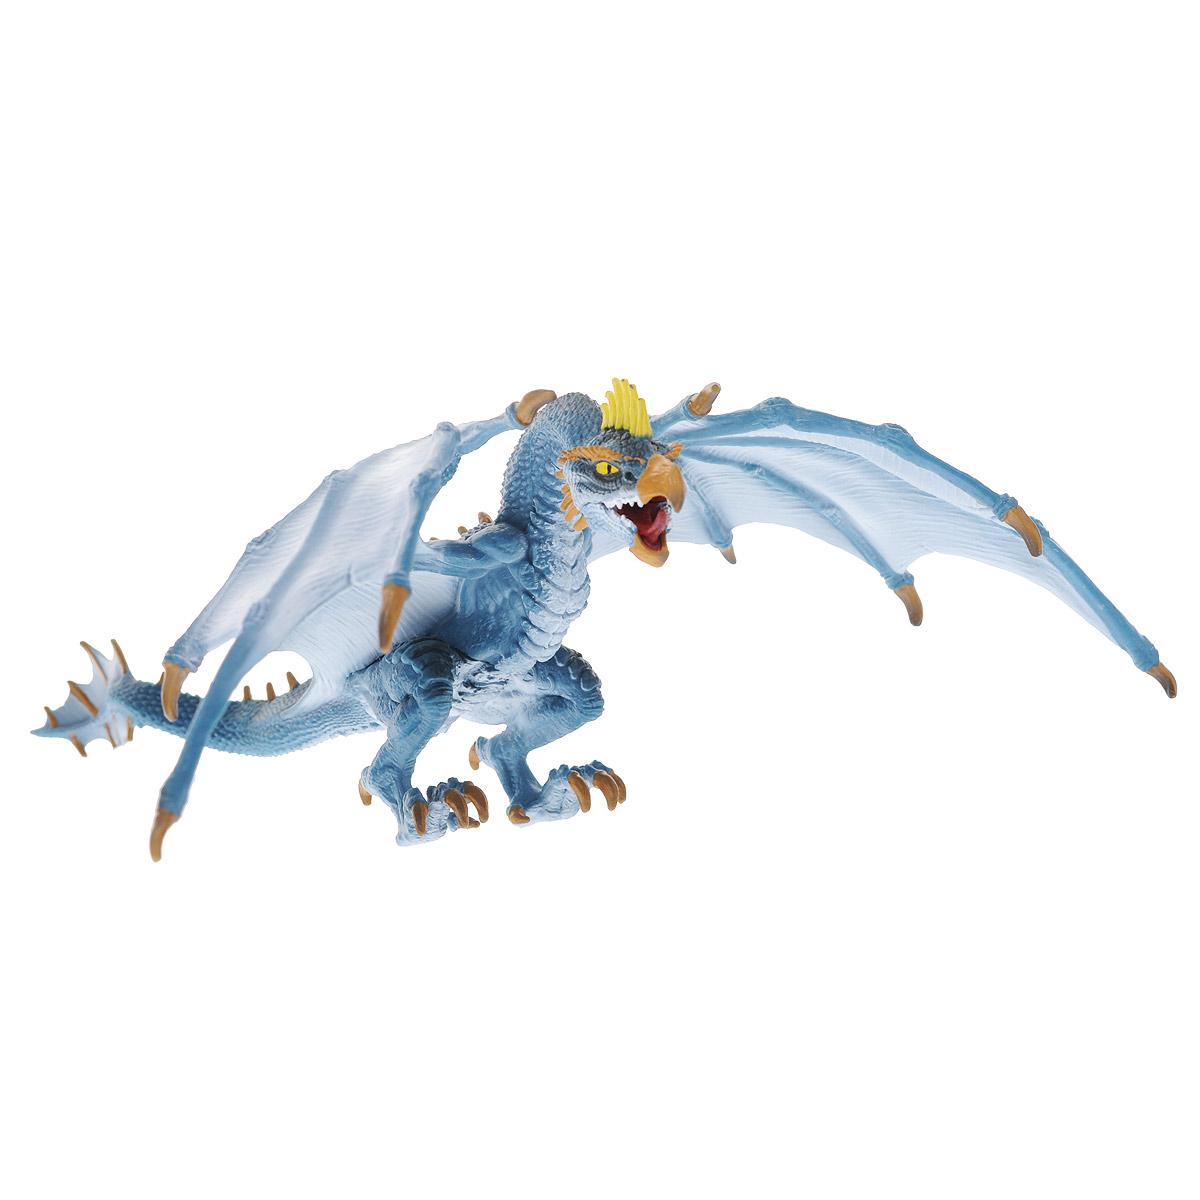 Schleich Фигурка Дракон Летун70508Великолепная фигурка Schleich Дракон Летун станет прекрасным подарком для вашего ребенка. Она высоко детализирована, и выполнена из каучукового пластика в виде дракона с расправленными крыльями. Фигурка дракона выполнена в сером и голубом цветах. У него острые когти и зубы, а также большие широкие крылья и могучий хвост. Голова дракона похожа на птичью и имеет клюв. Мощные и сильные лапы позволяют дракону легко перемещаться и отталкиваться от земли. Такая фигурка непременно понравится вашему ребенку, а также привлечет внимание взрослых коллекционеров, и станет замечательным украшением любой коллекции. Восхитительная фигурка сделает игры с рыцарями и воинами еще увлекательнее! Летающий дракон - опасный и ловкий дракон. Ни один дракон не может летать так высоко и быстро, как Голубой дракон.